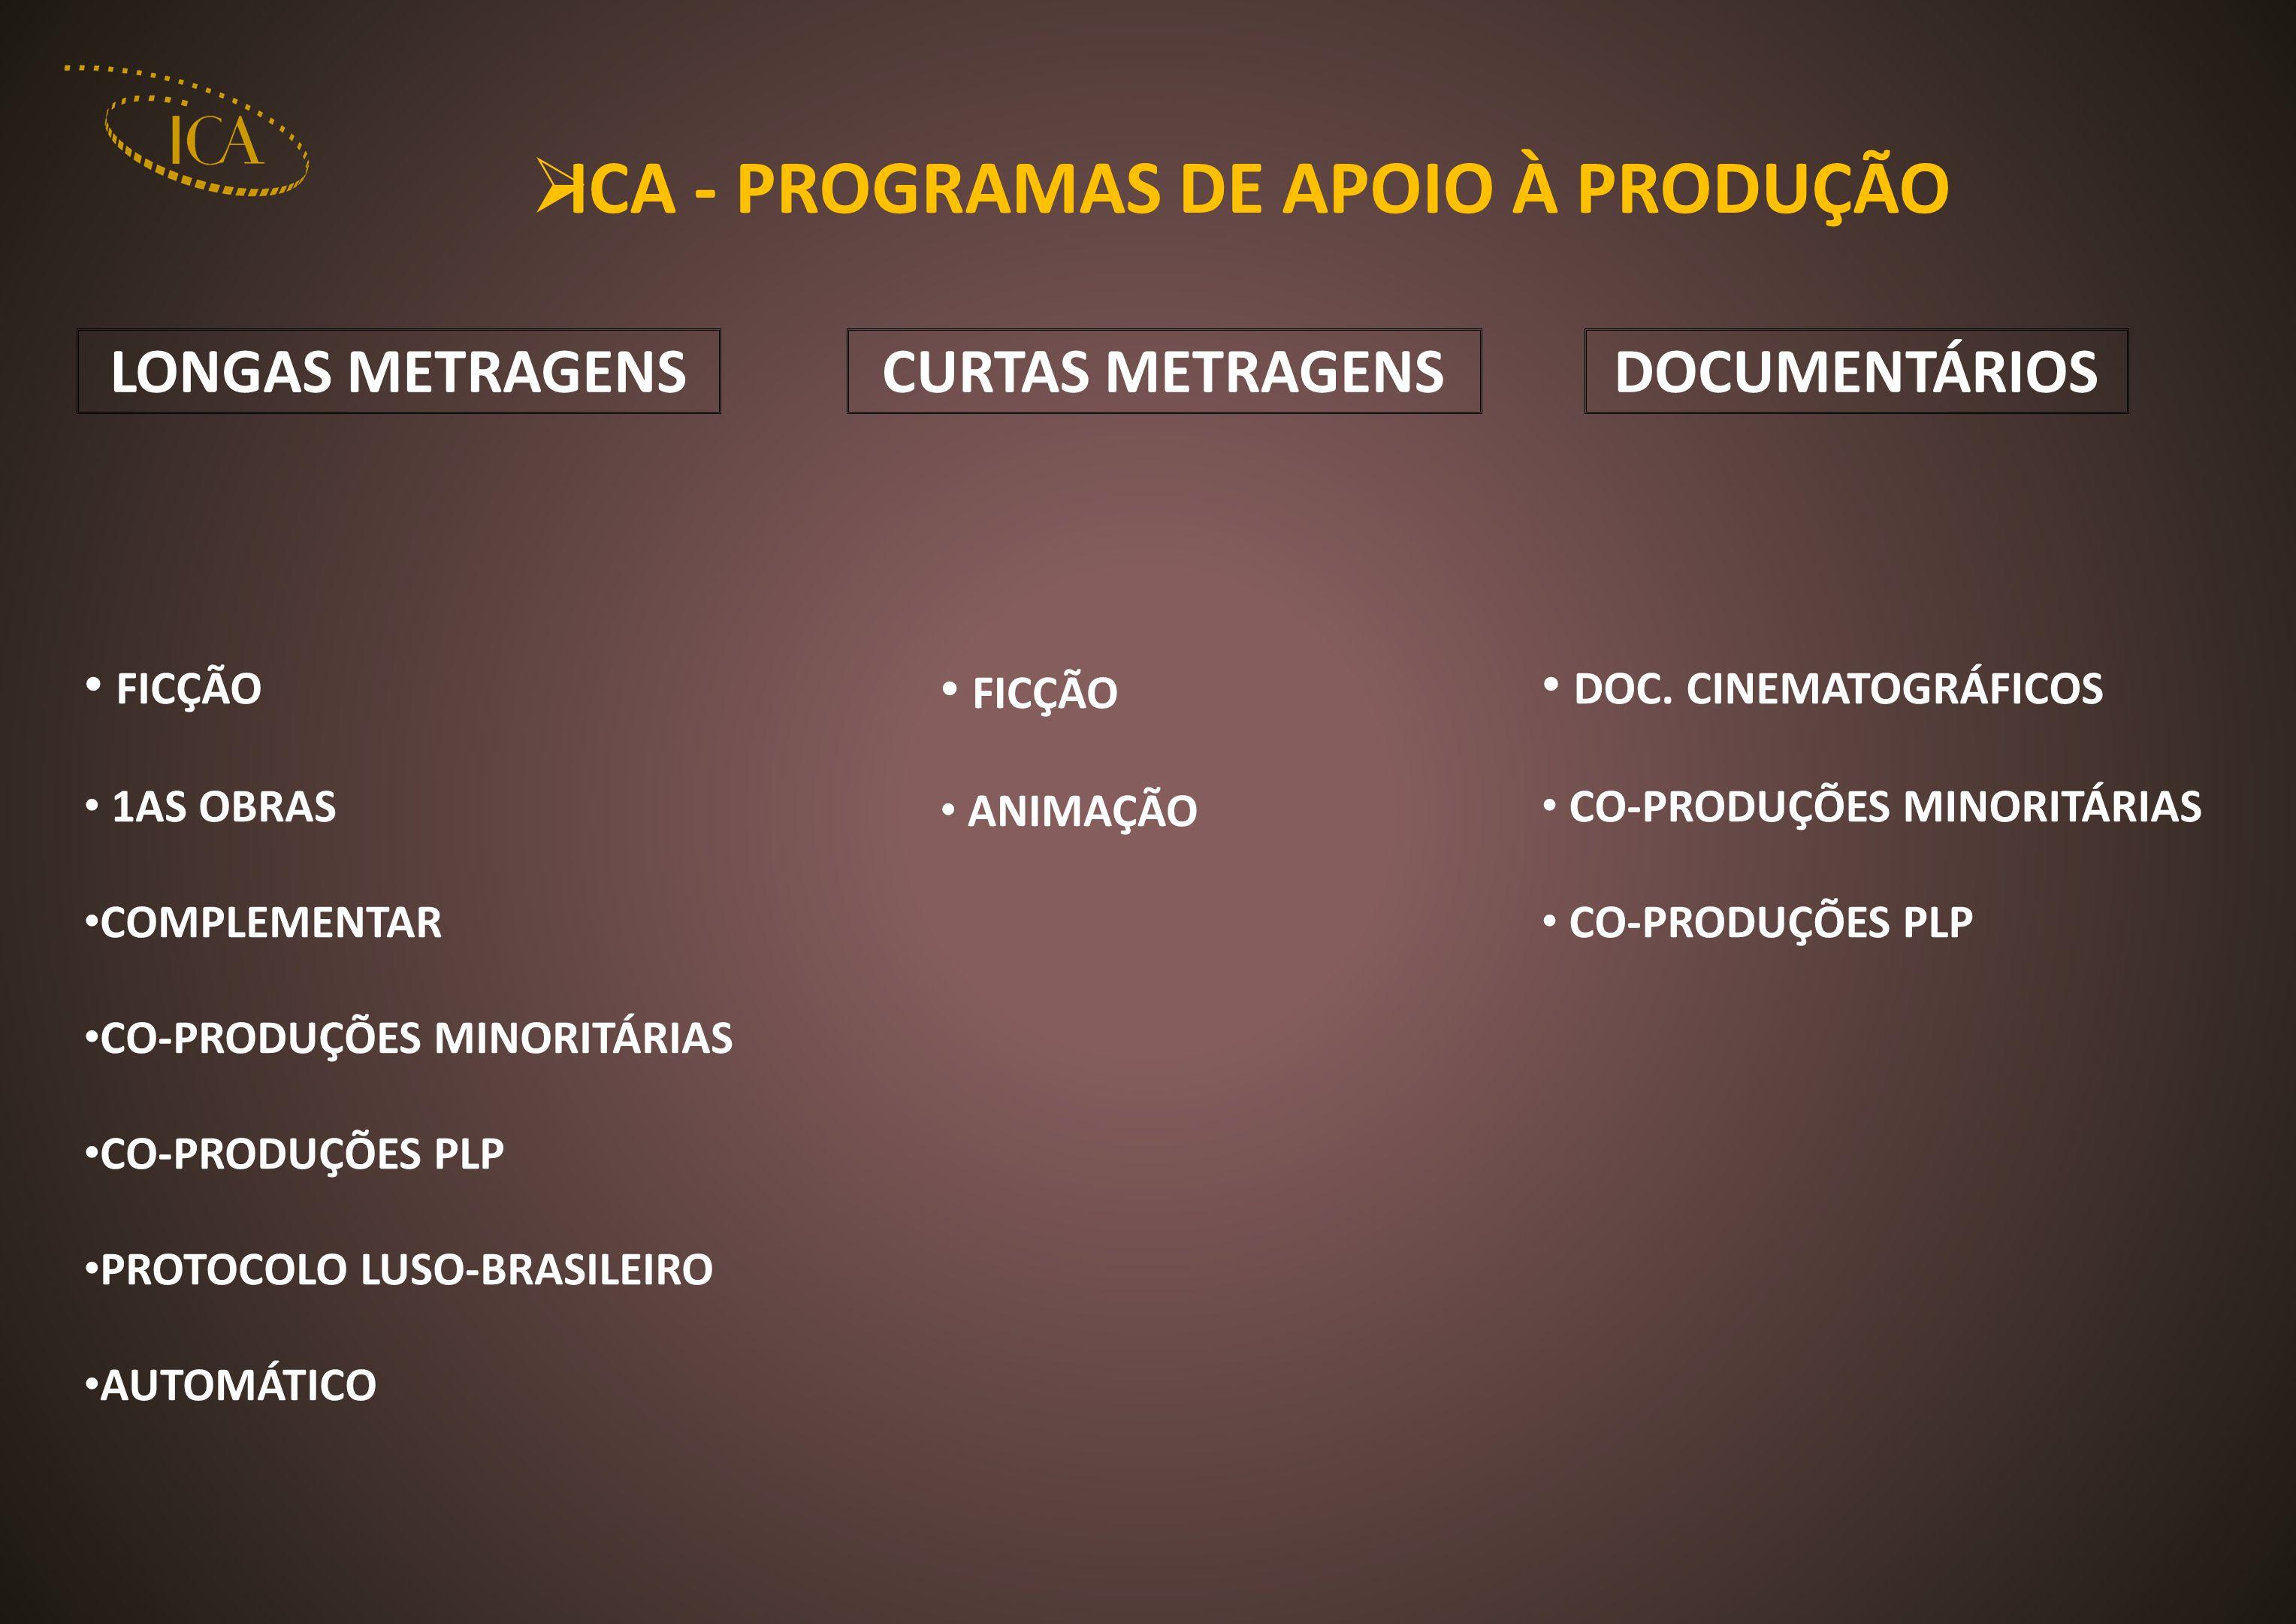 ICA - PROGRAMAS DE APOIO À PRODUÇÃO LONGAS METRAGENSCURTAS METRAGENSDOCUMENTÁRIOS FICÇÃO 1AS OBRAS COMPLEMENTAR CO-PRODUÇÕES MINORITÁRIAS CO-PRODUÇÕES PLP PROTOCOLO LUSO-BRASILEIRO AUTOMÁTICO FICÇÃO ANIMAÇÃO DOC.